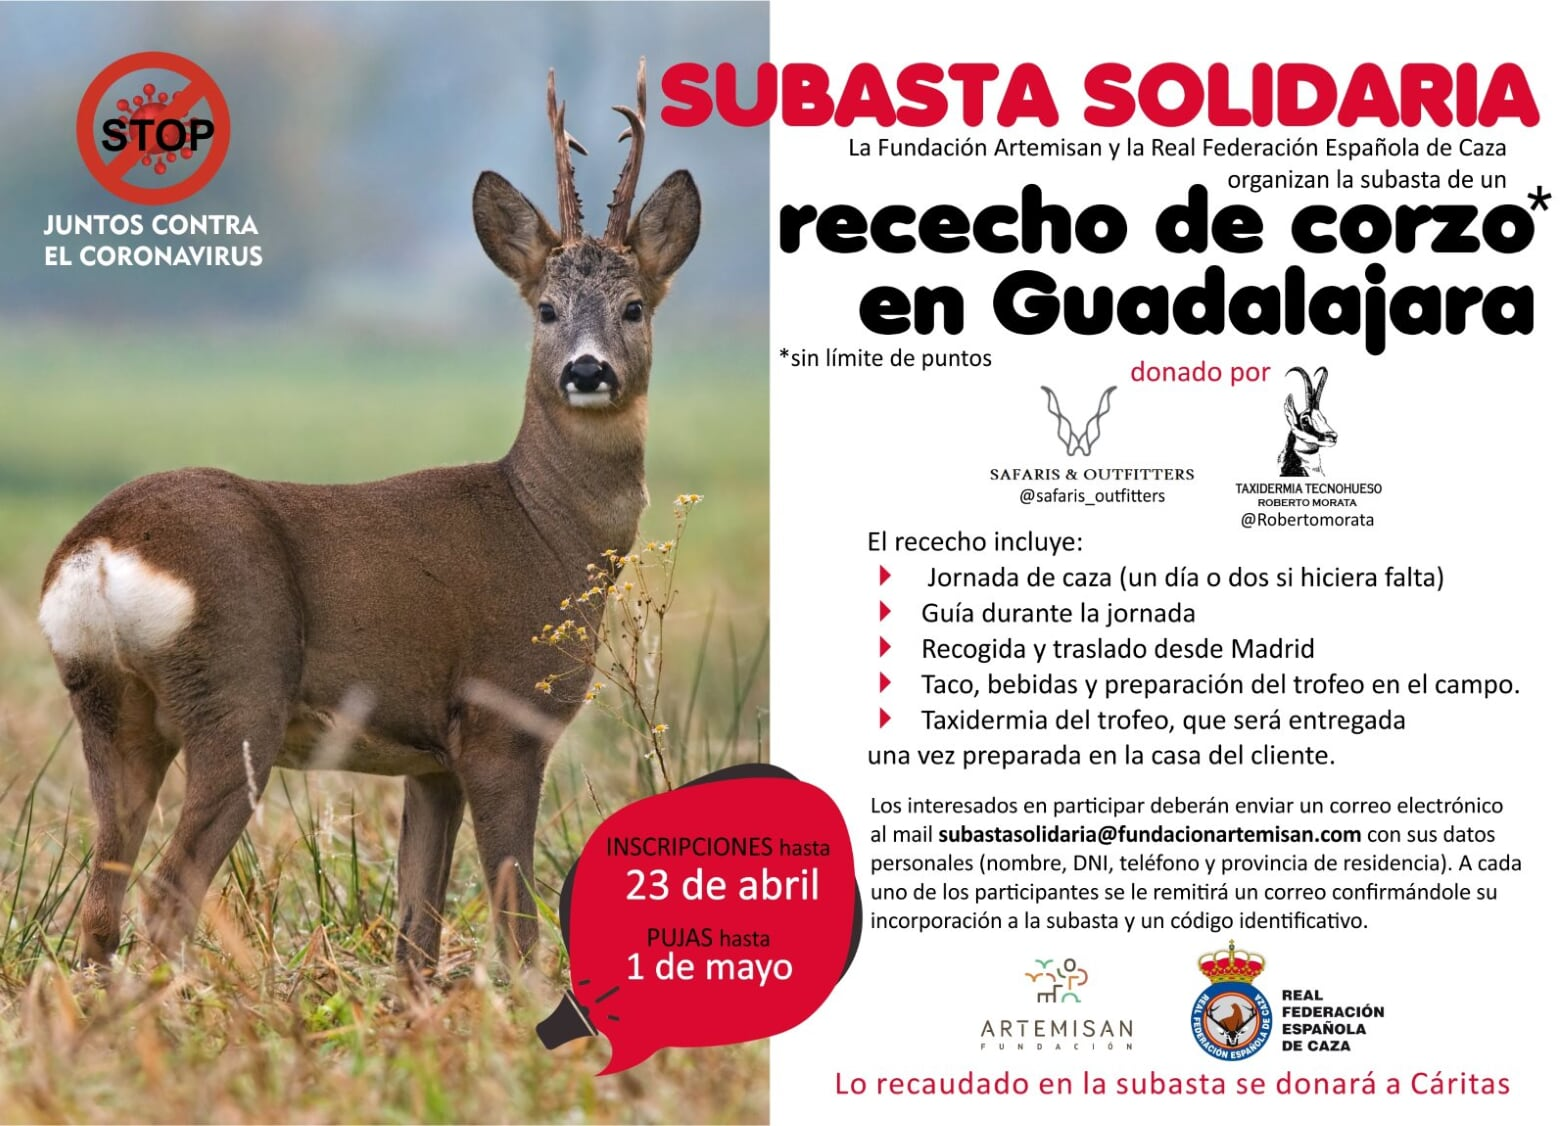 Cartel de la subasta solidaria de un rececho de corzo en Guadalajara contra el covid